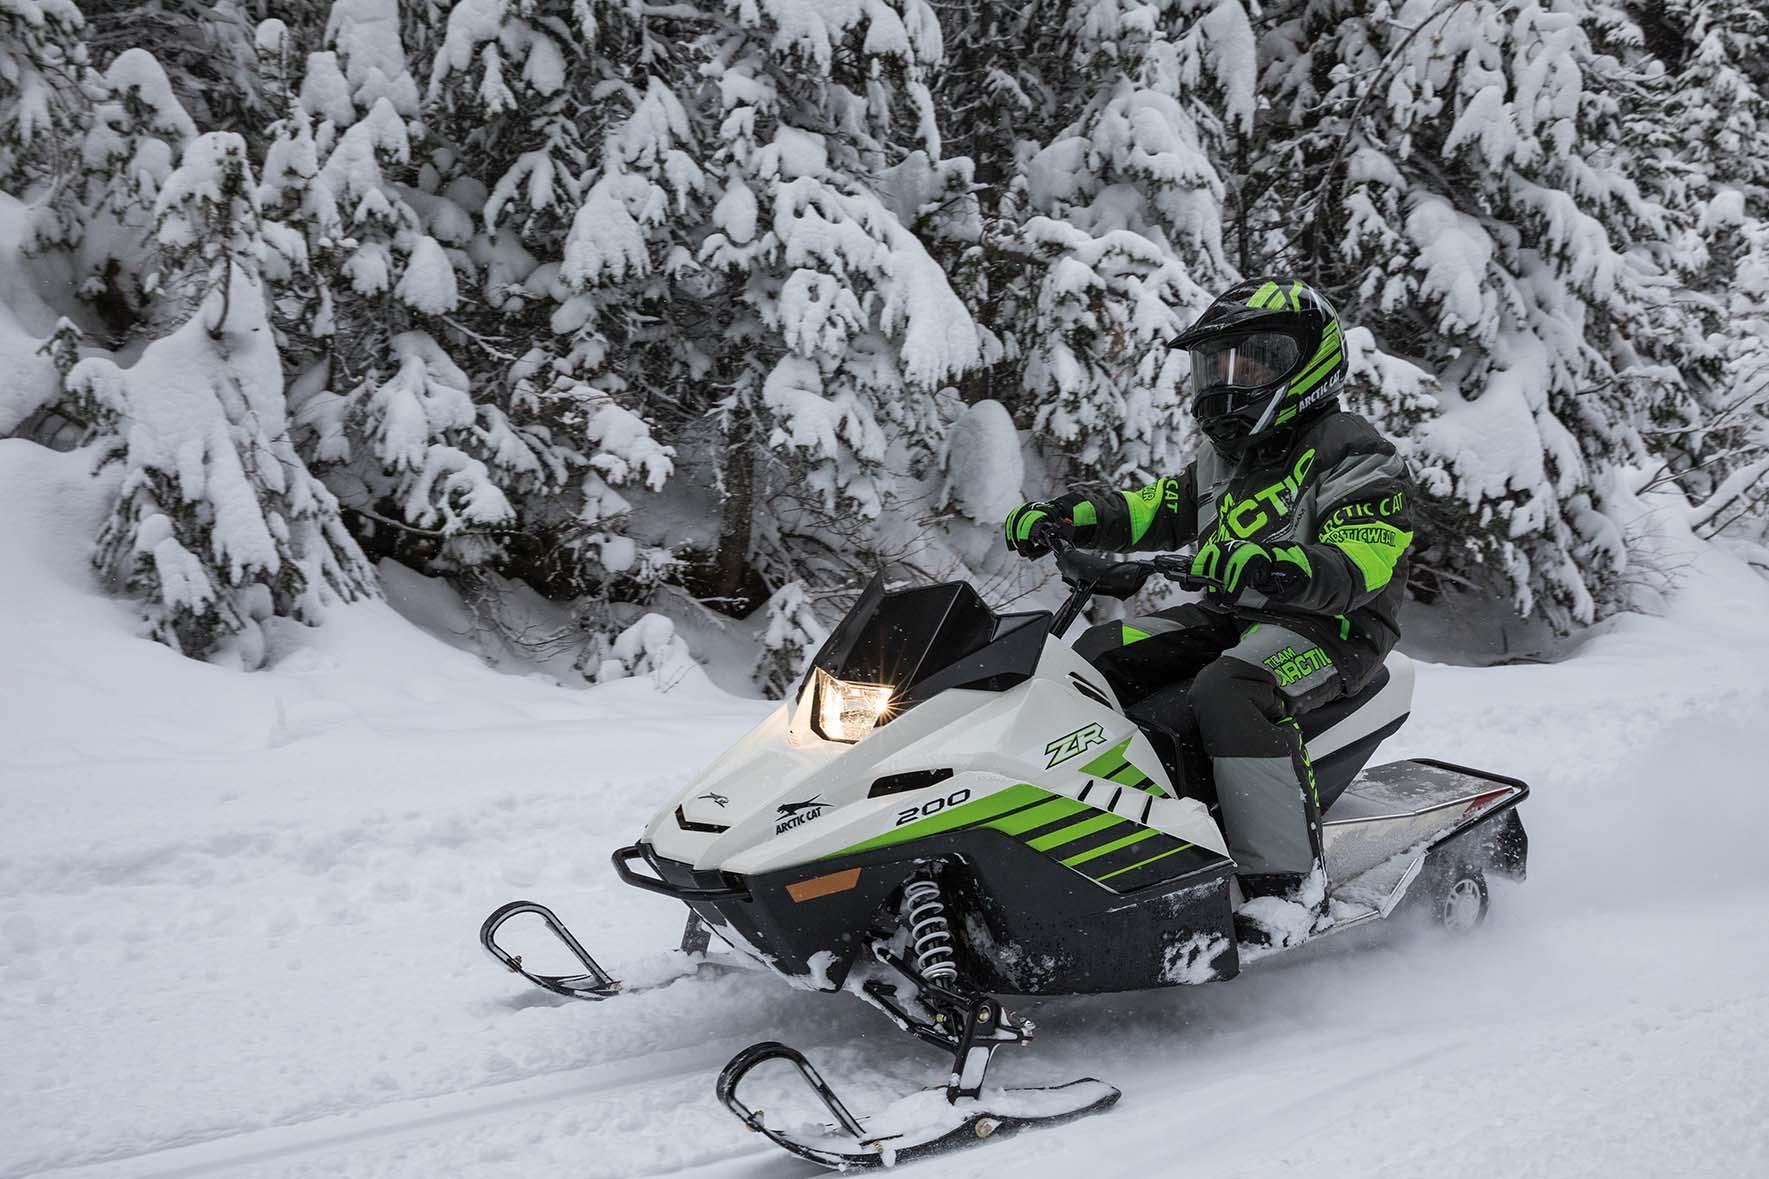 Arctic Cat 800 Snowmobile